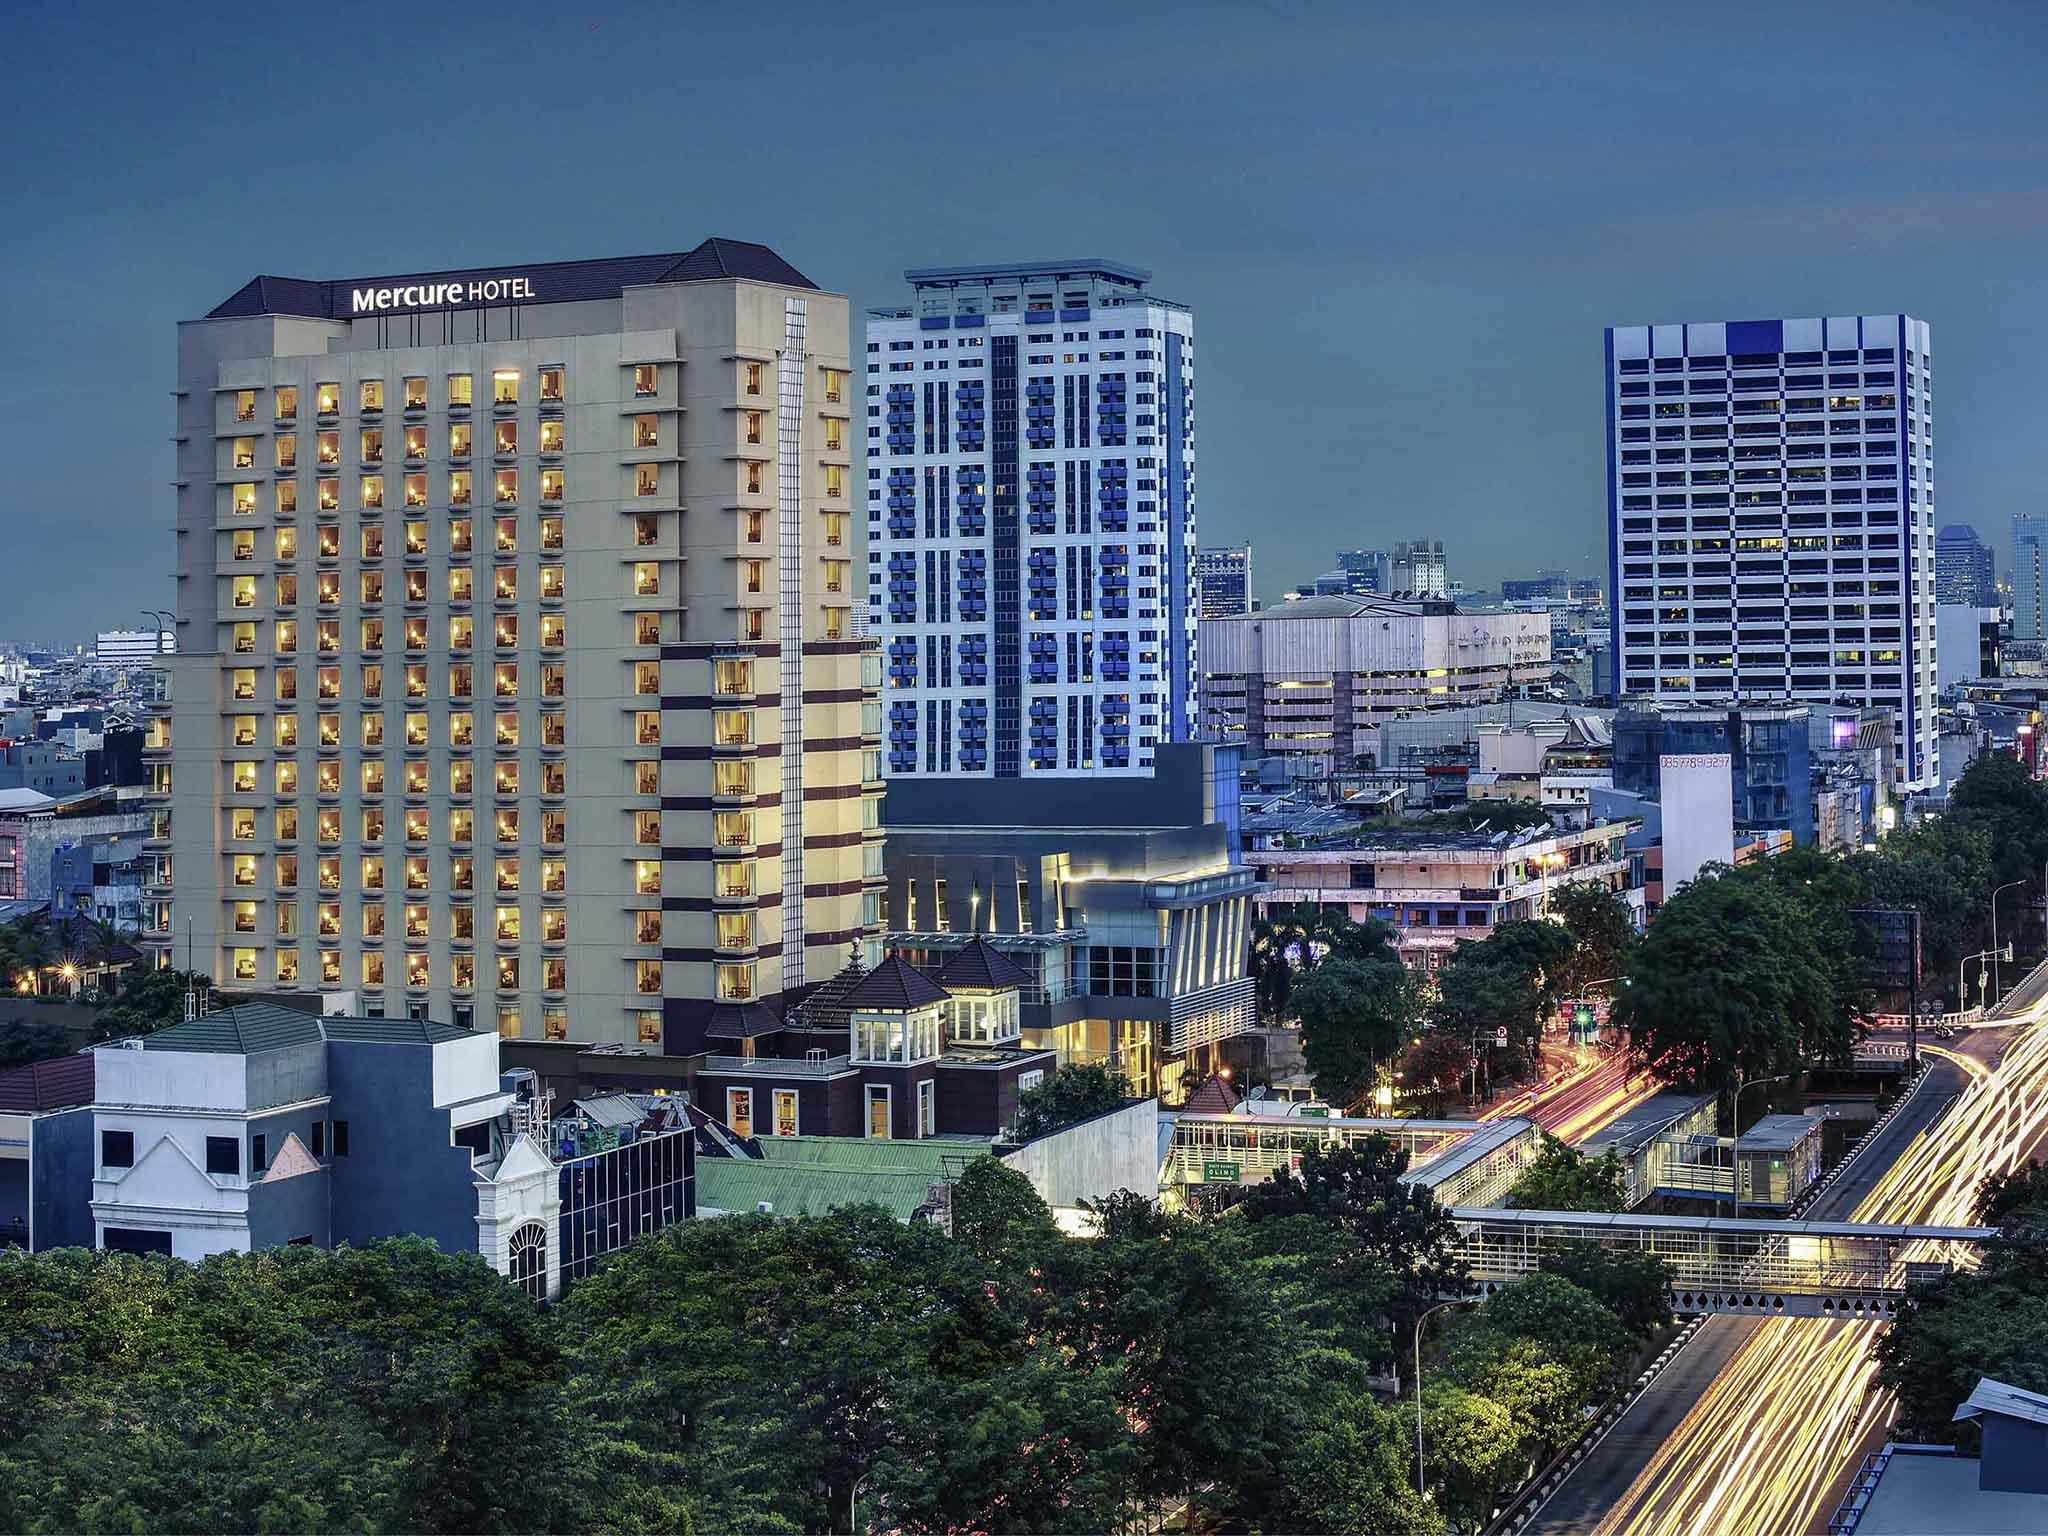 Hotel In Jakarta Mercure Jakarta Kota Accorhotels